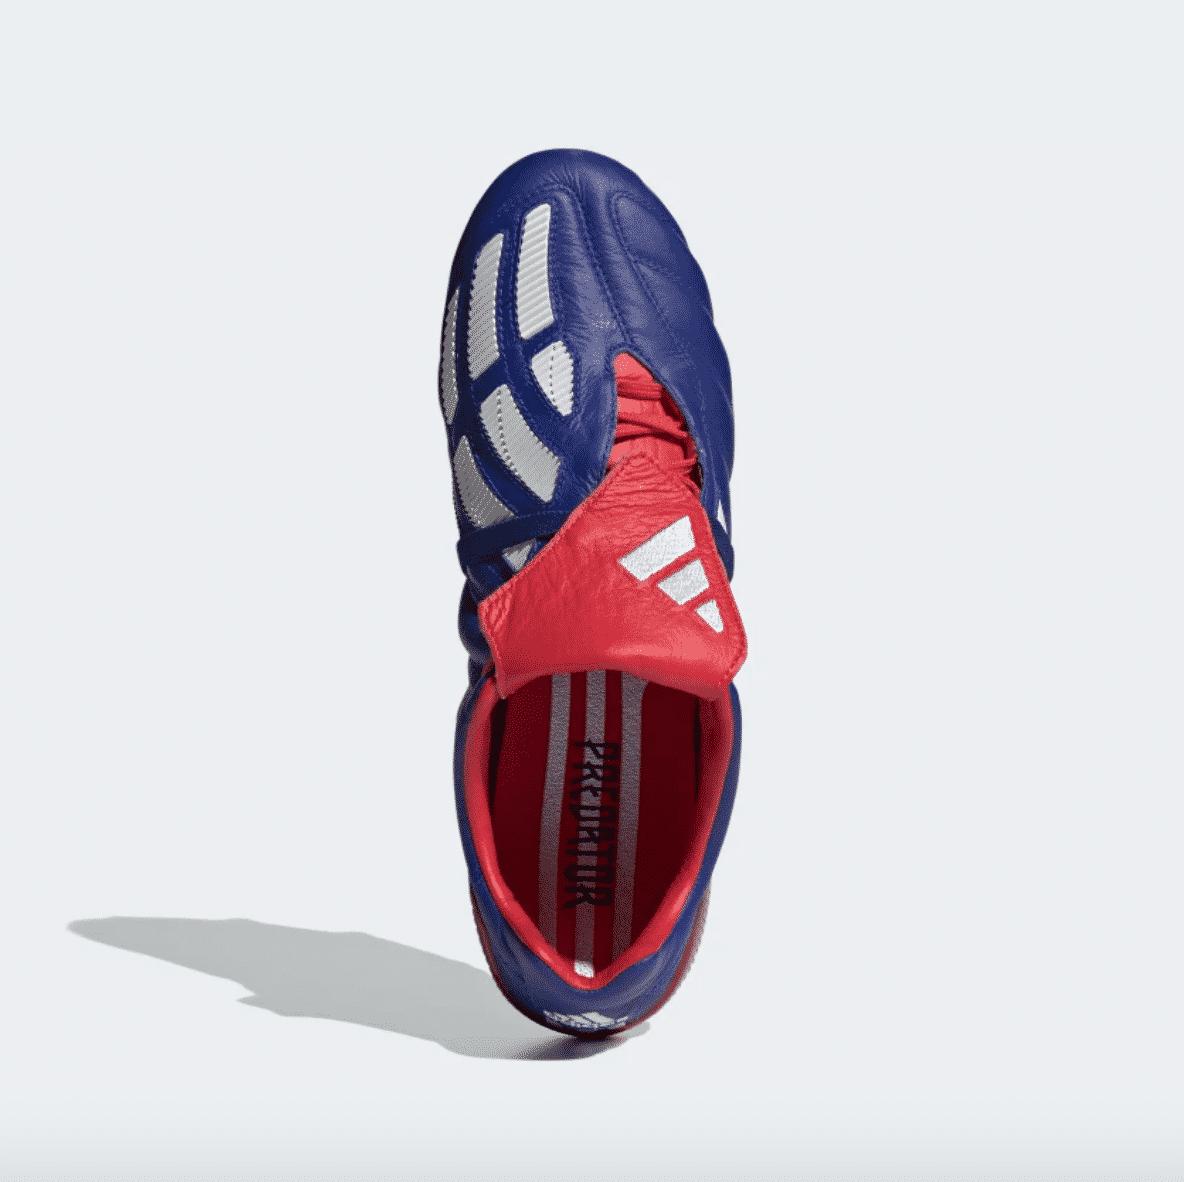 adidas-predator-20-mania-blue-japan-2